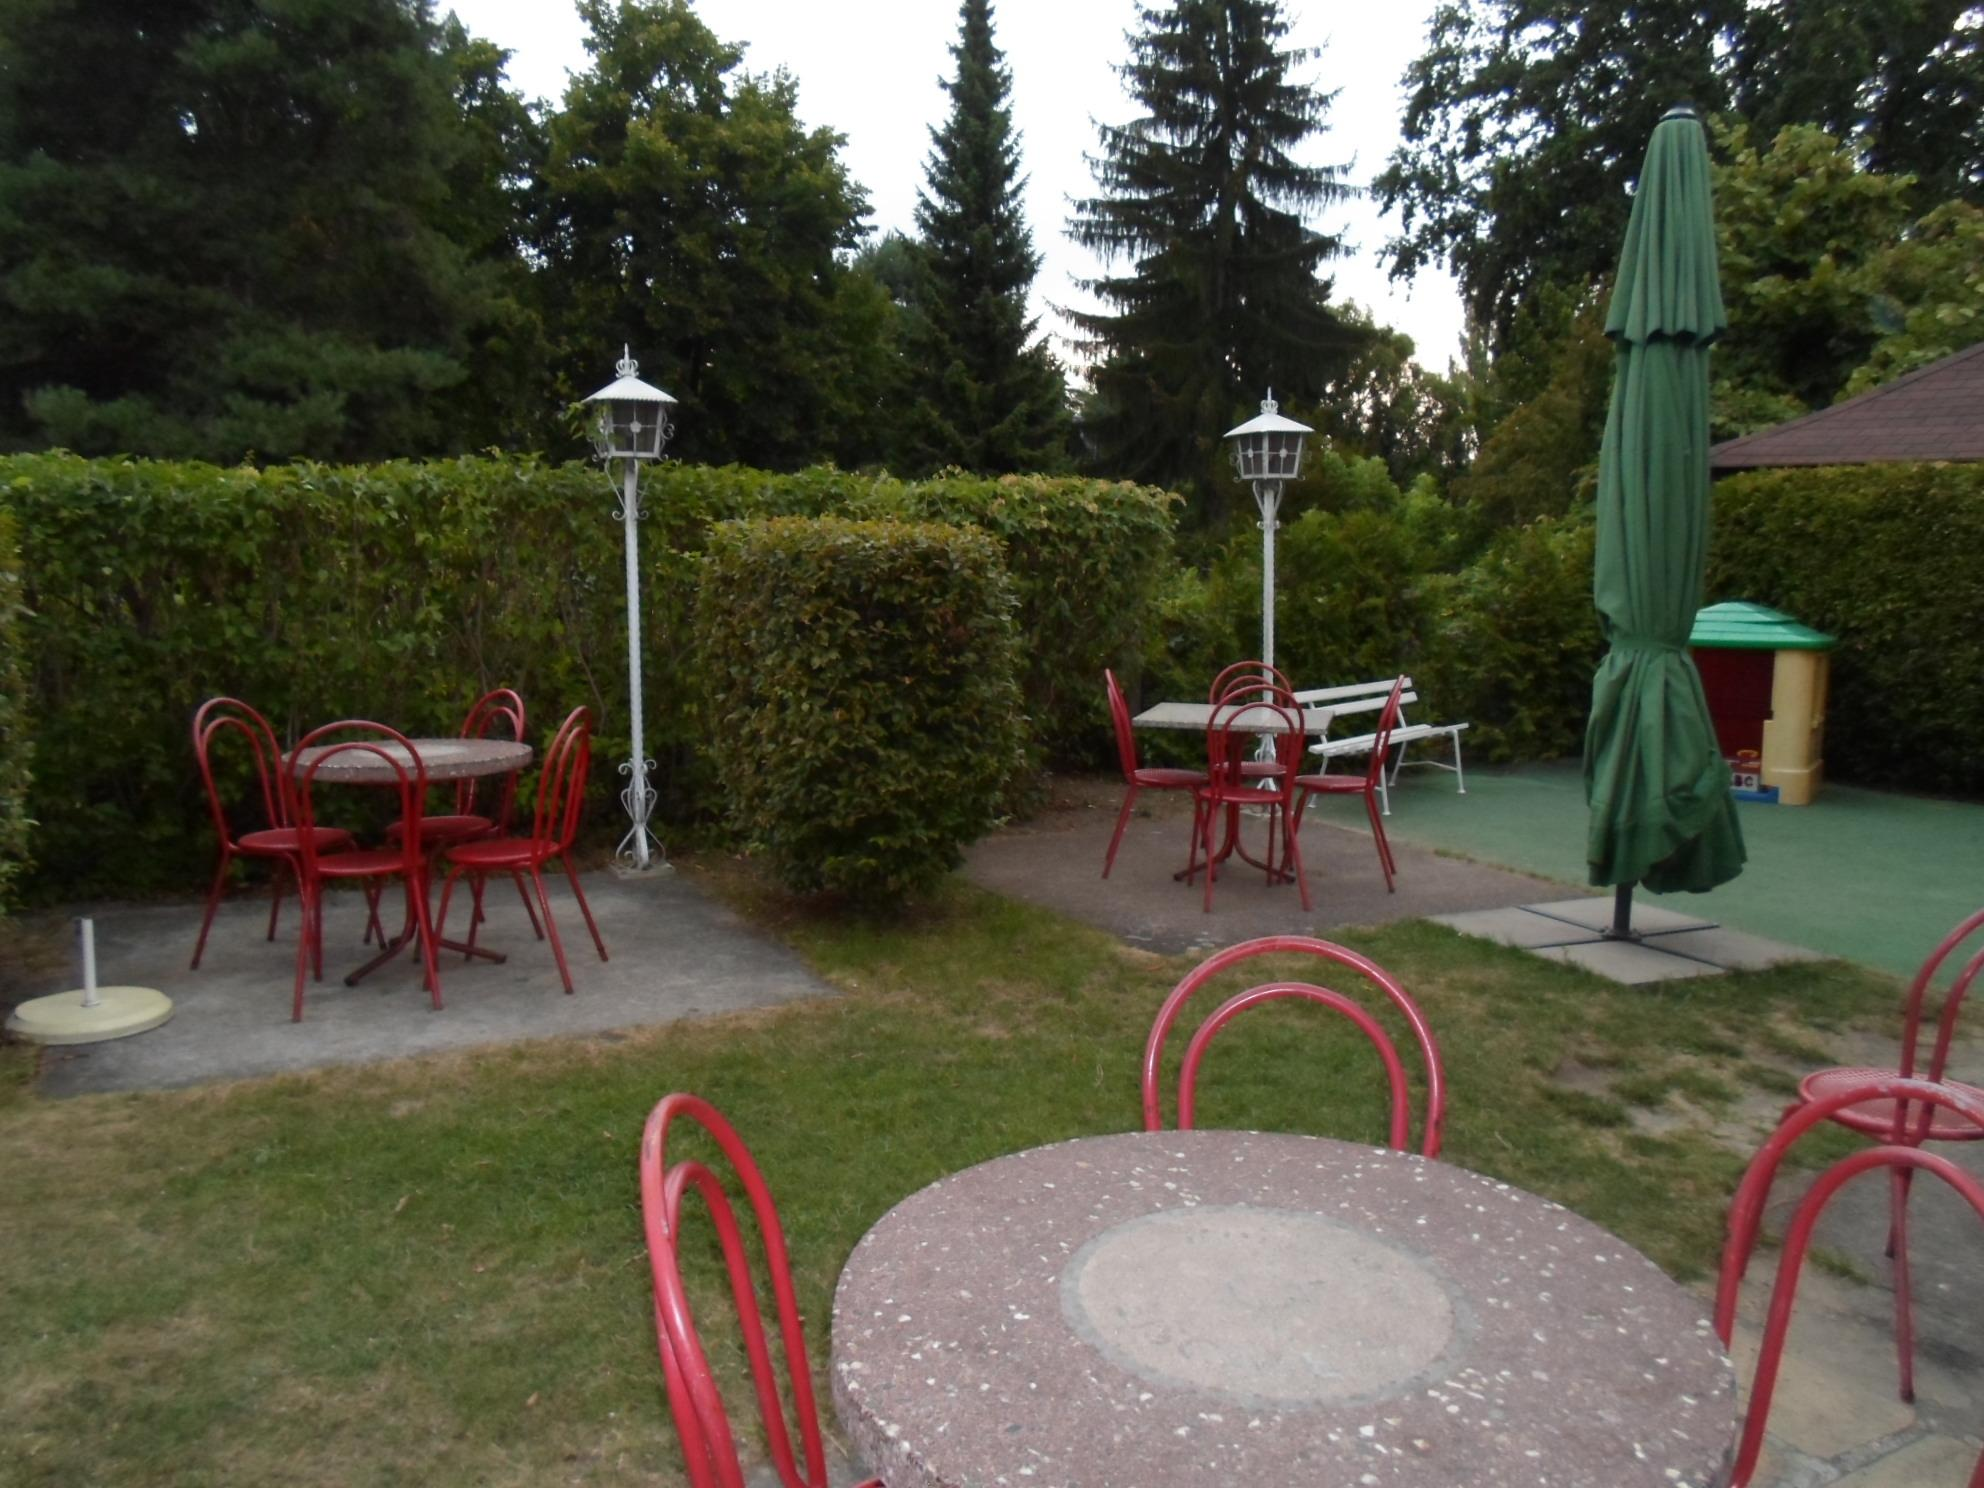 Winkel's Eiscafe